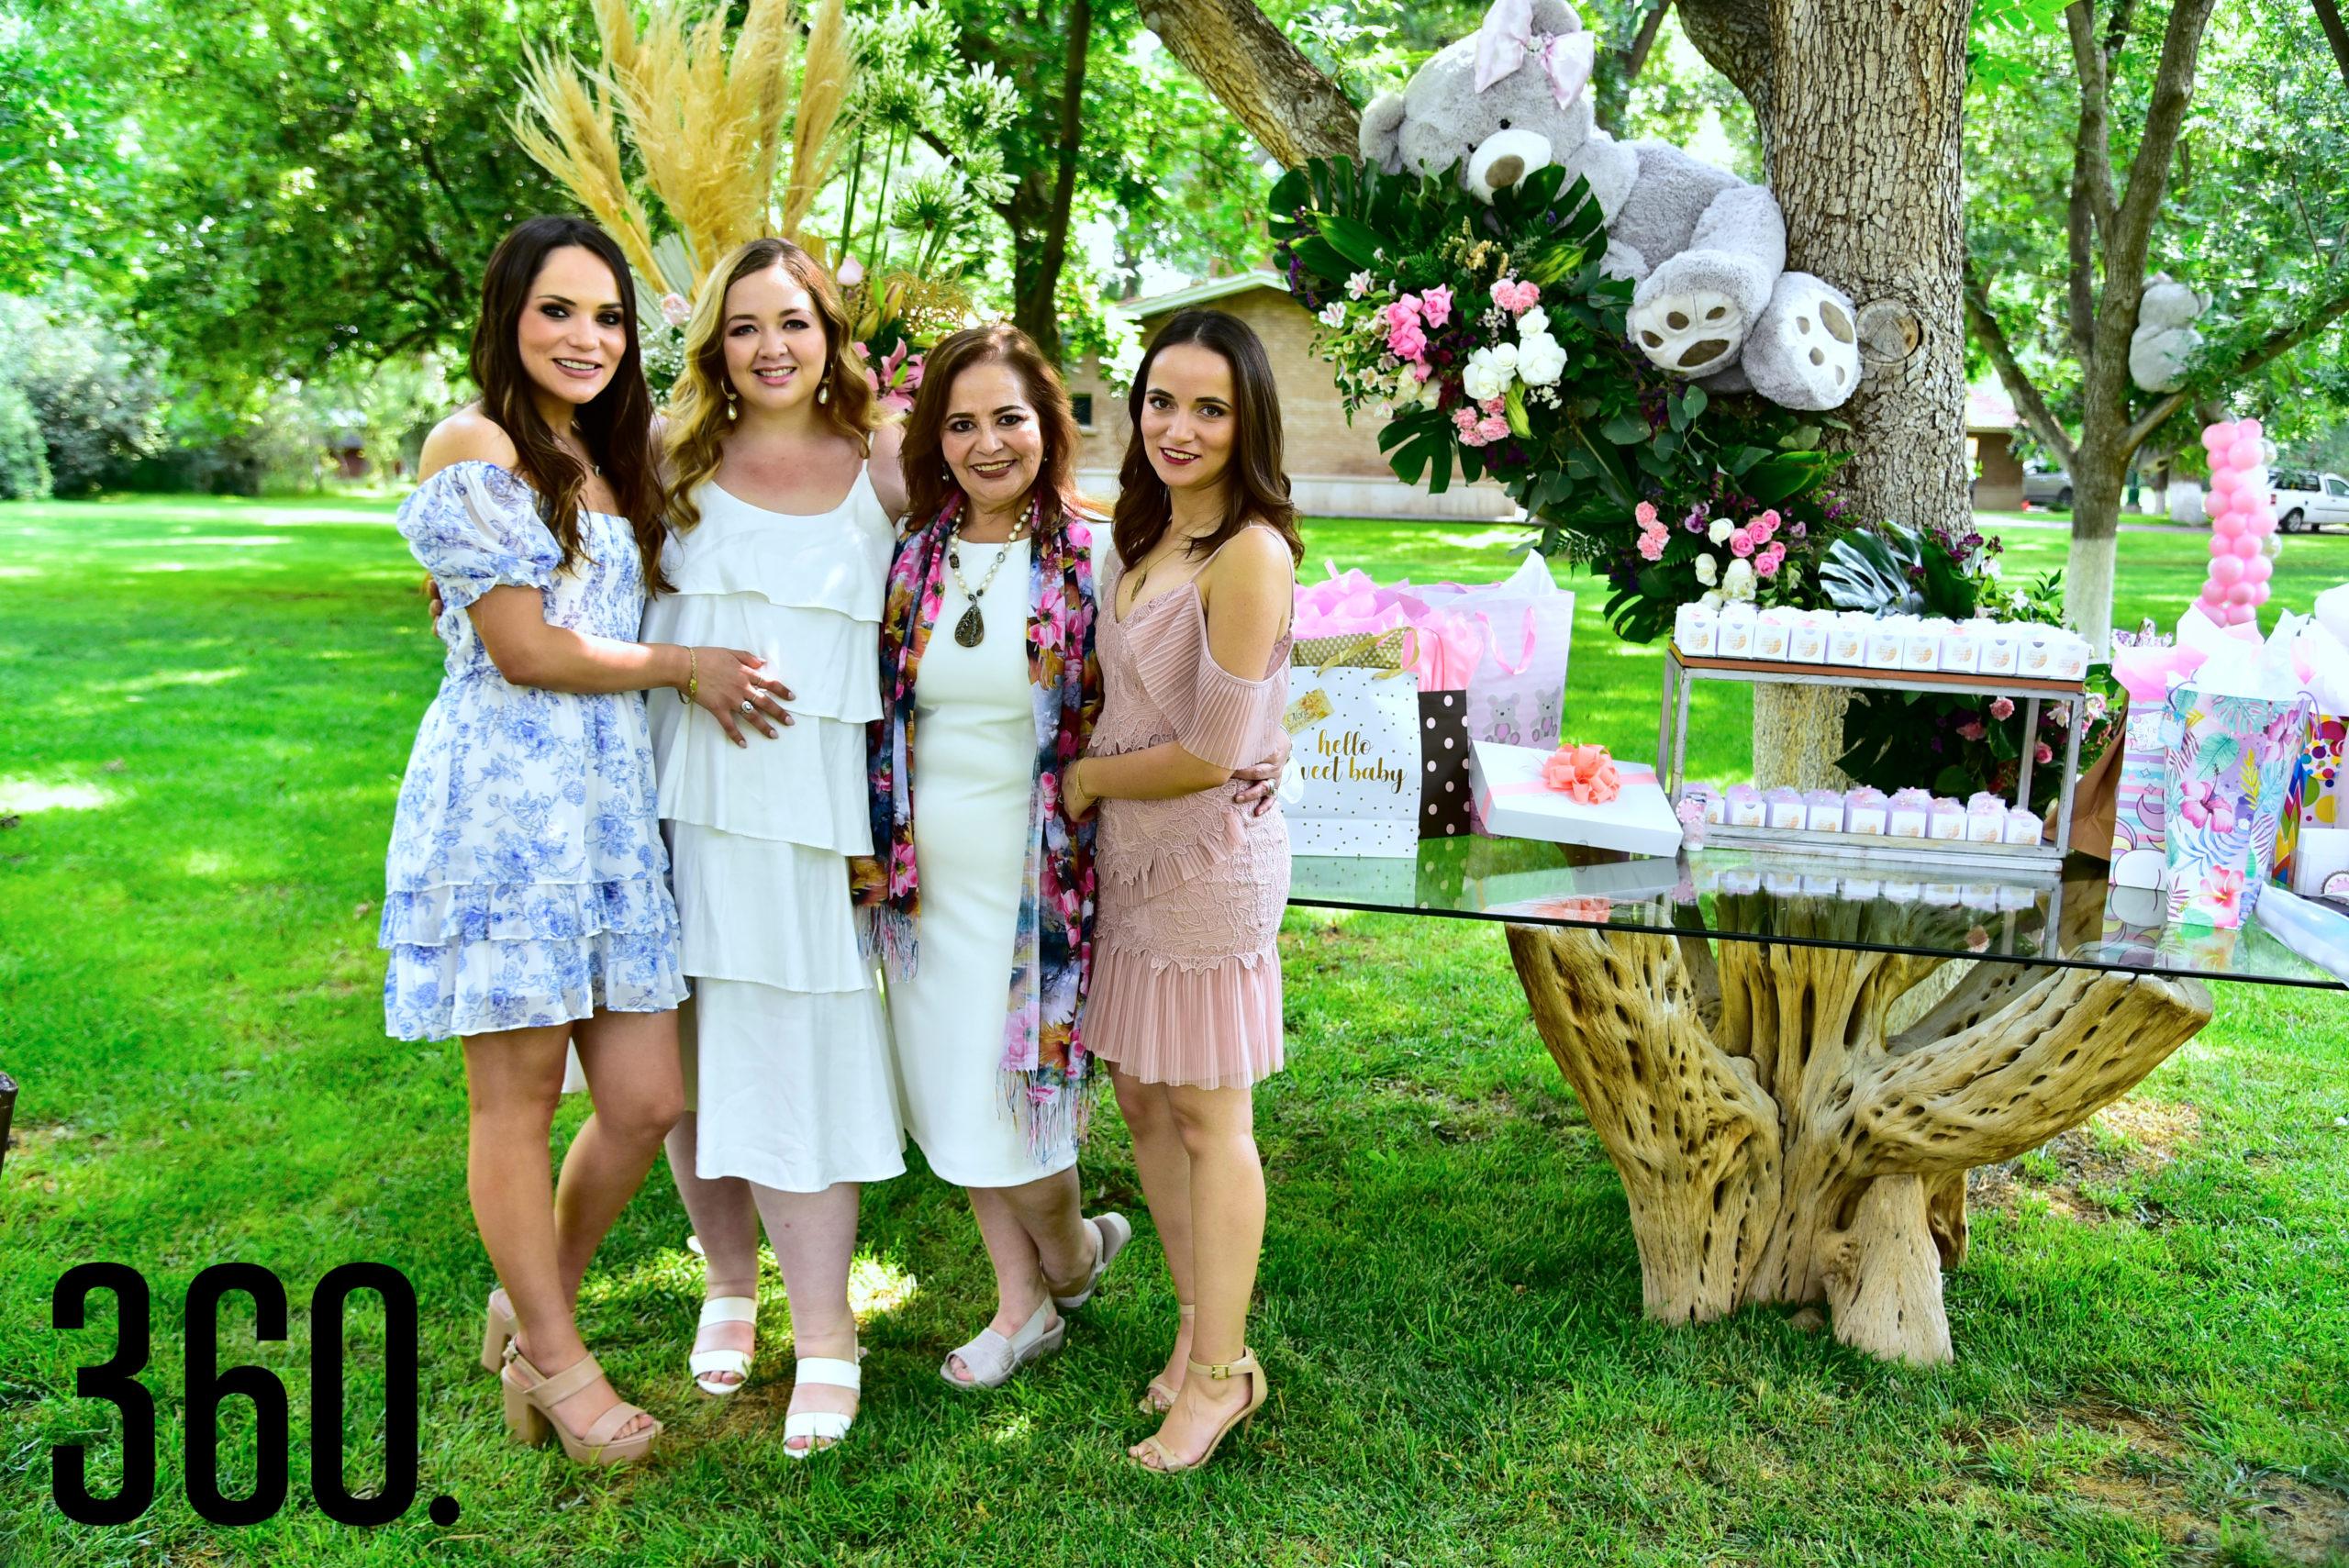 Lili de las Fuentes, Carla Verduzco, Lili Melo de De las Fuentes y Ana Cristina de las Fuentes.